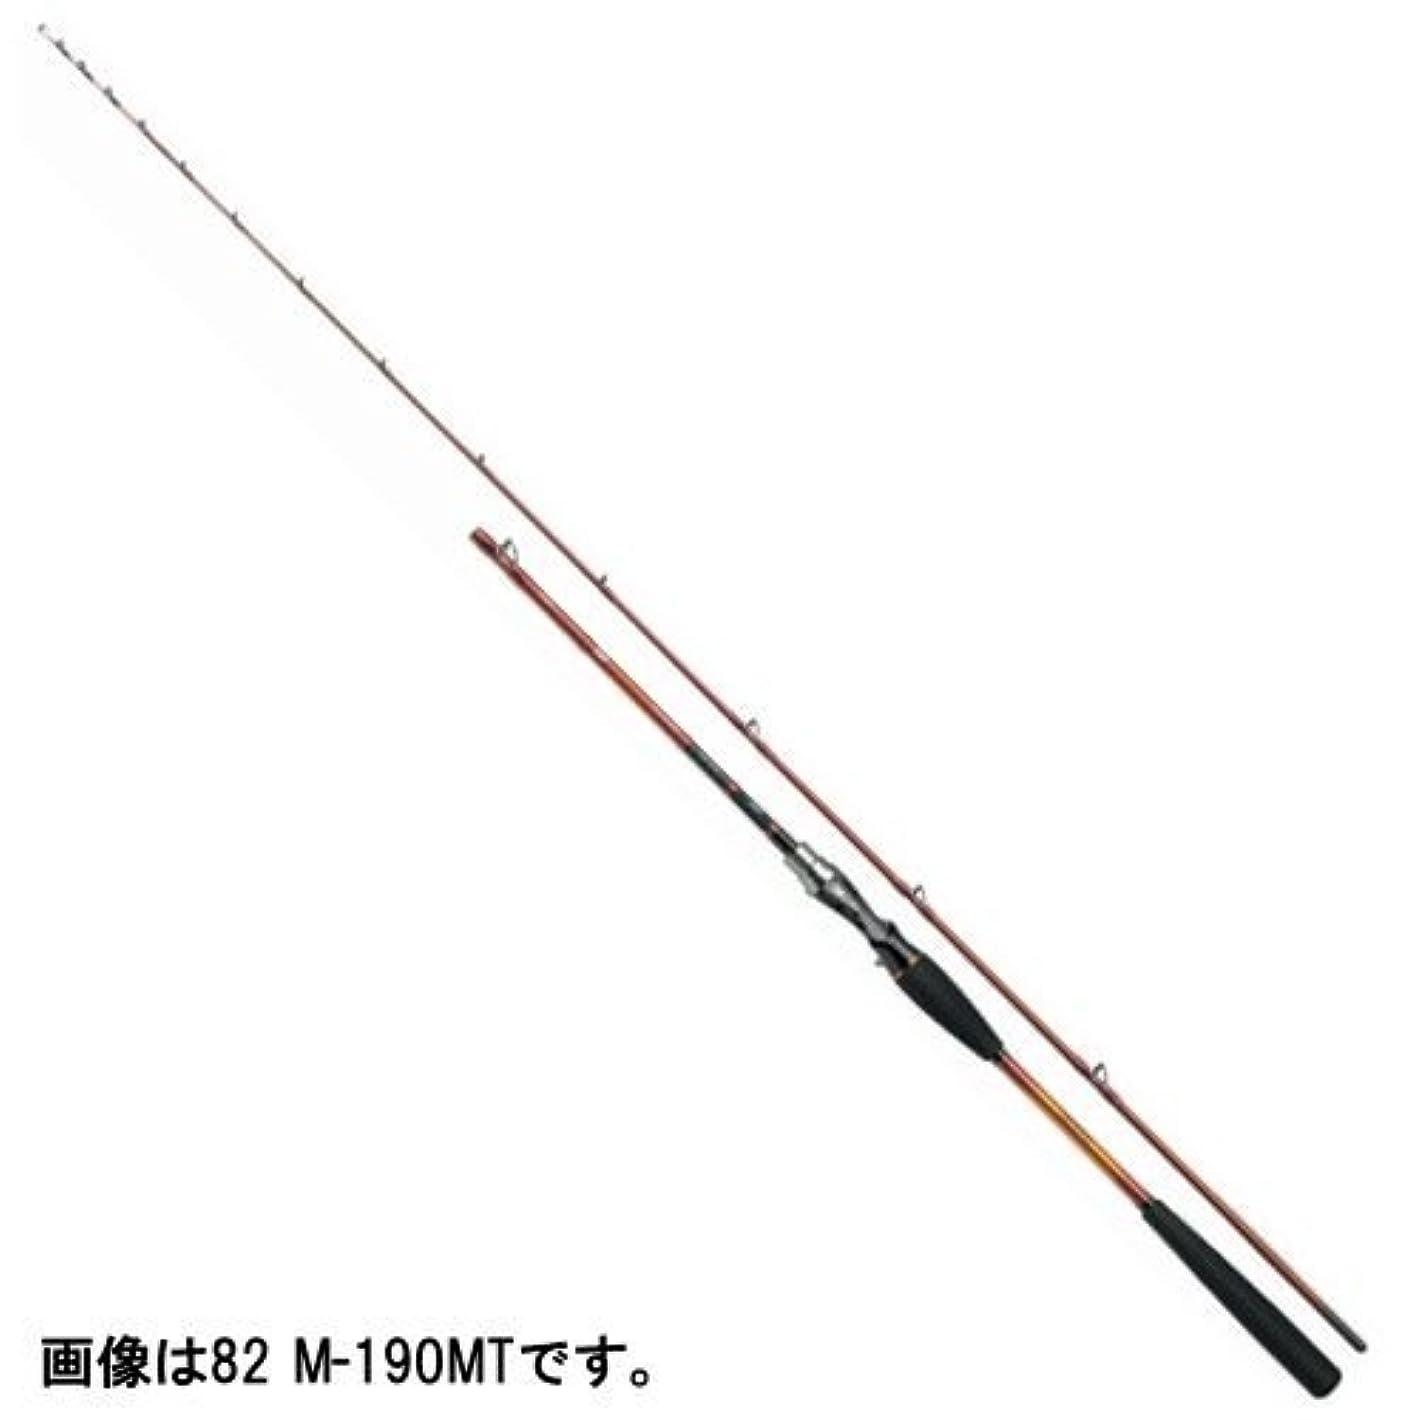 鎖約束するヘルパーダイワ(Daiwa) 船竿 ベイト リーディング 82 M-160MT 釣り竿